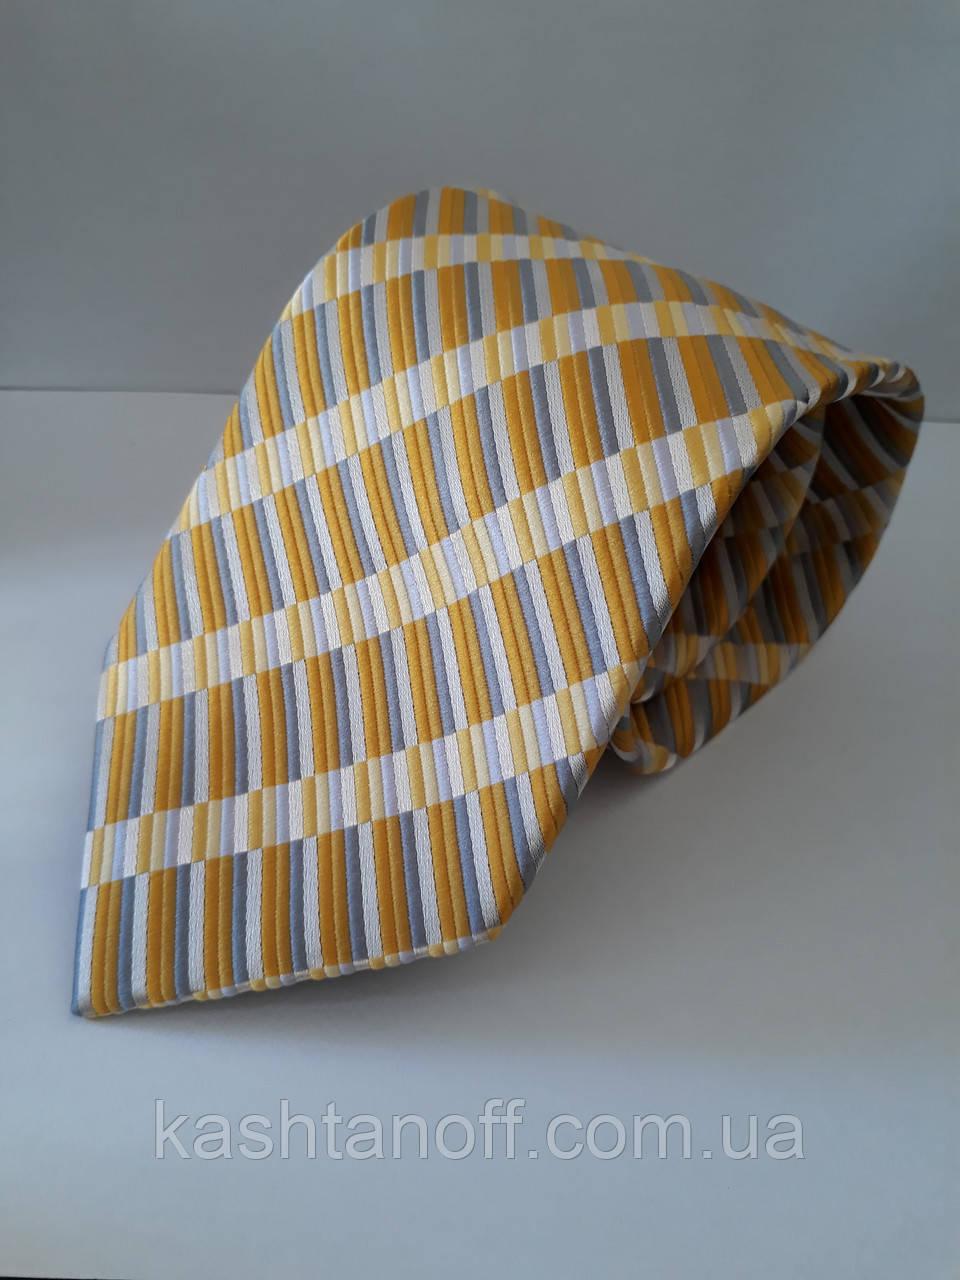 Галстук желтый в диагональную фактурную полоску